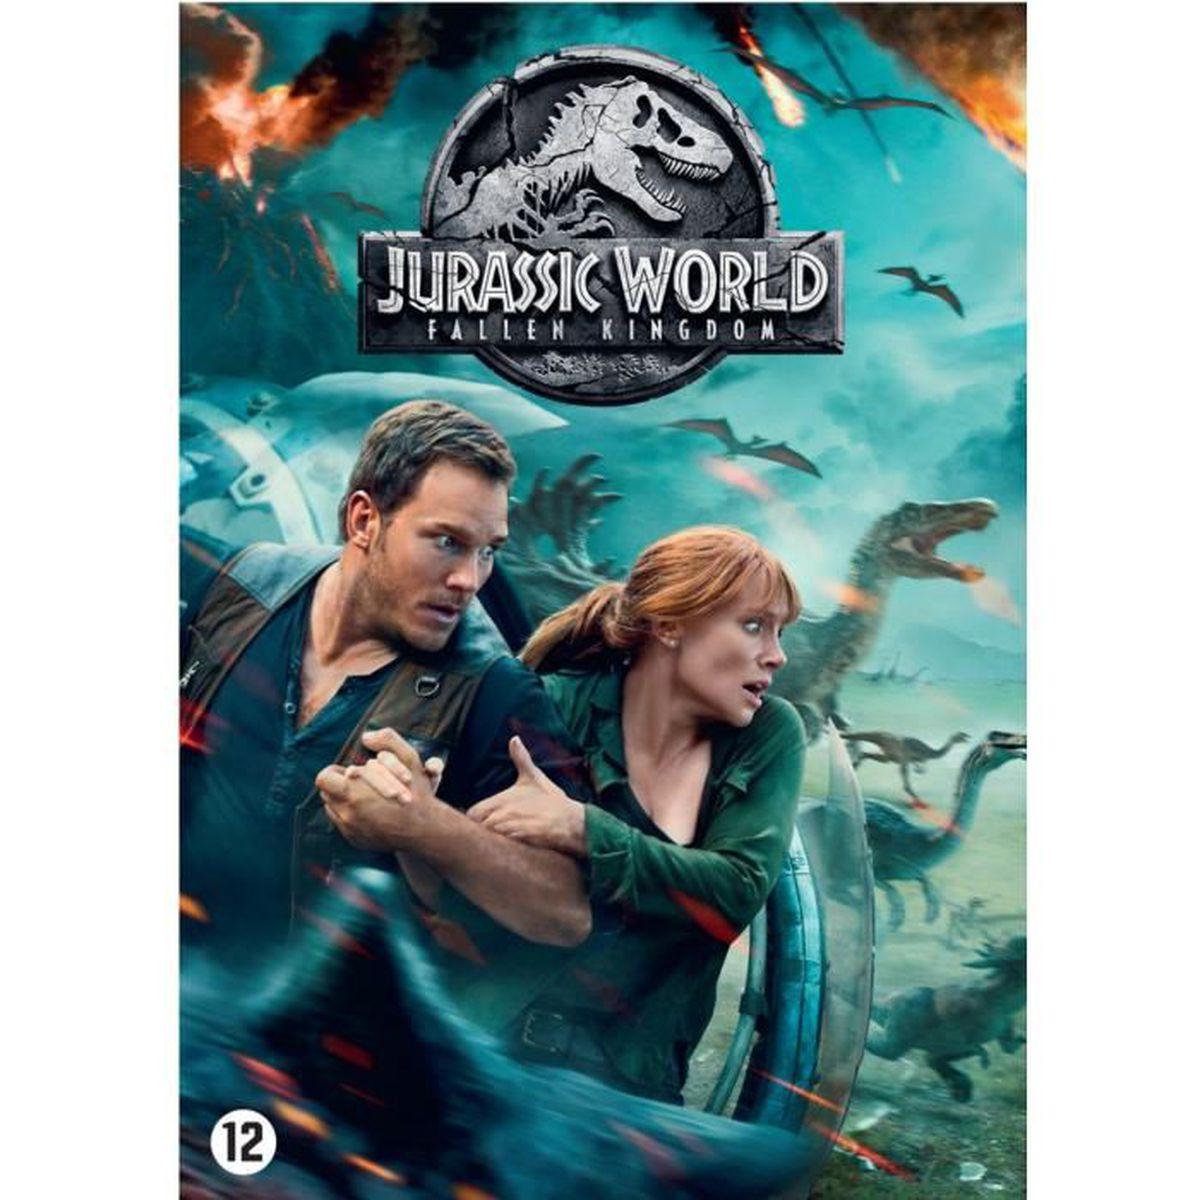 DVD FILM JURASSIC WORLD 2 : Fallen Kingdom